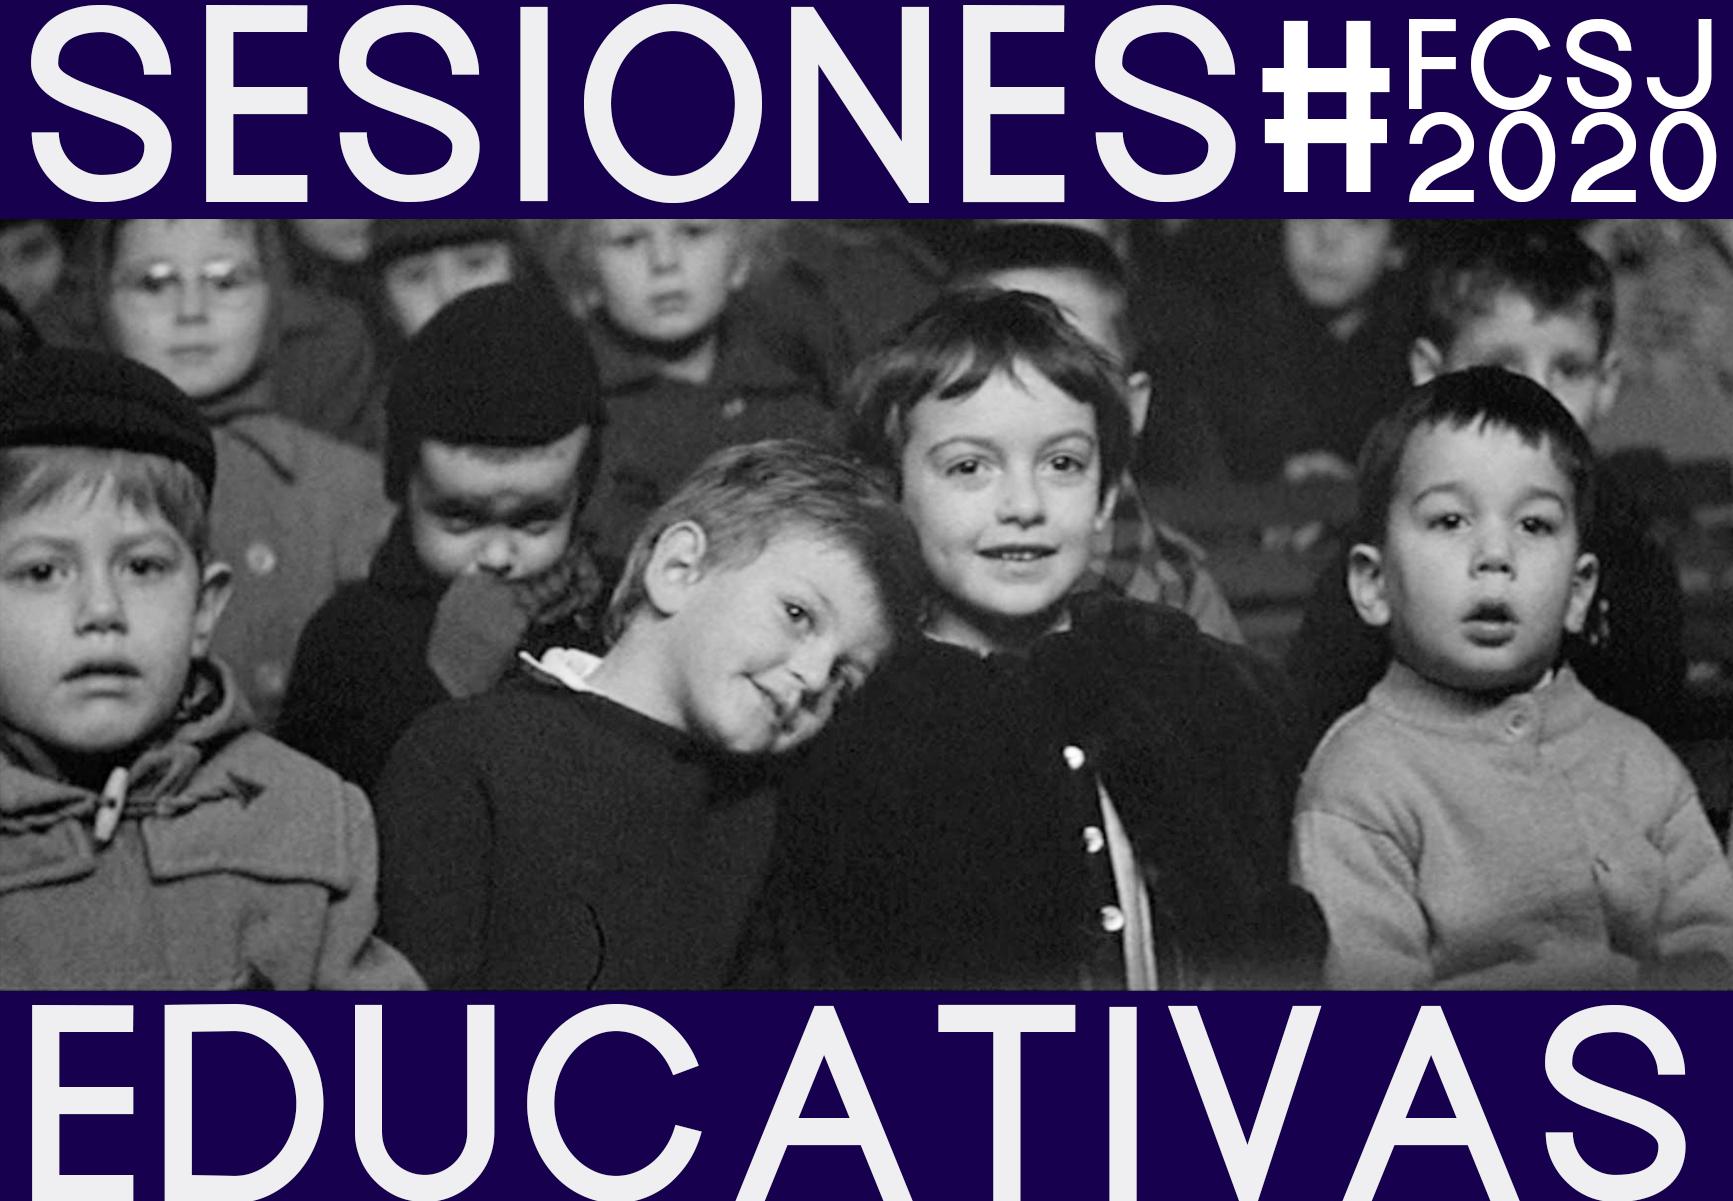 sesiones educativas 2020